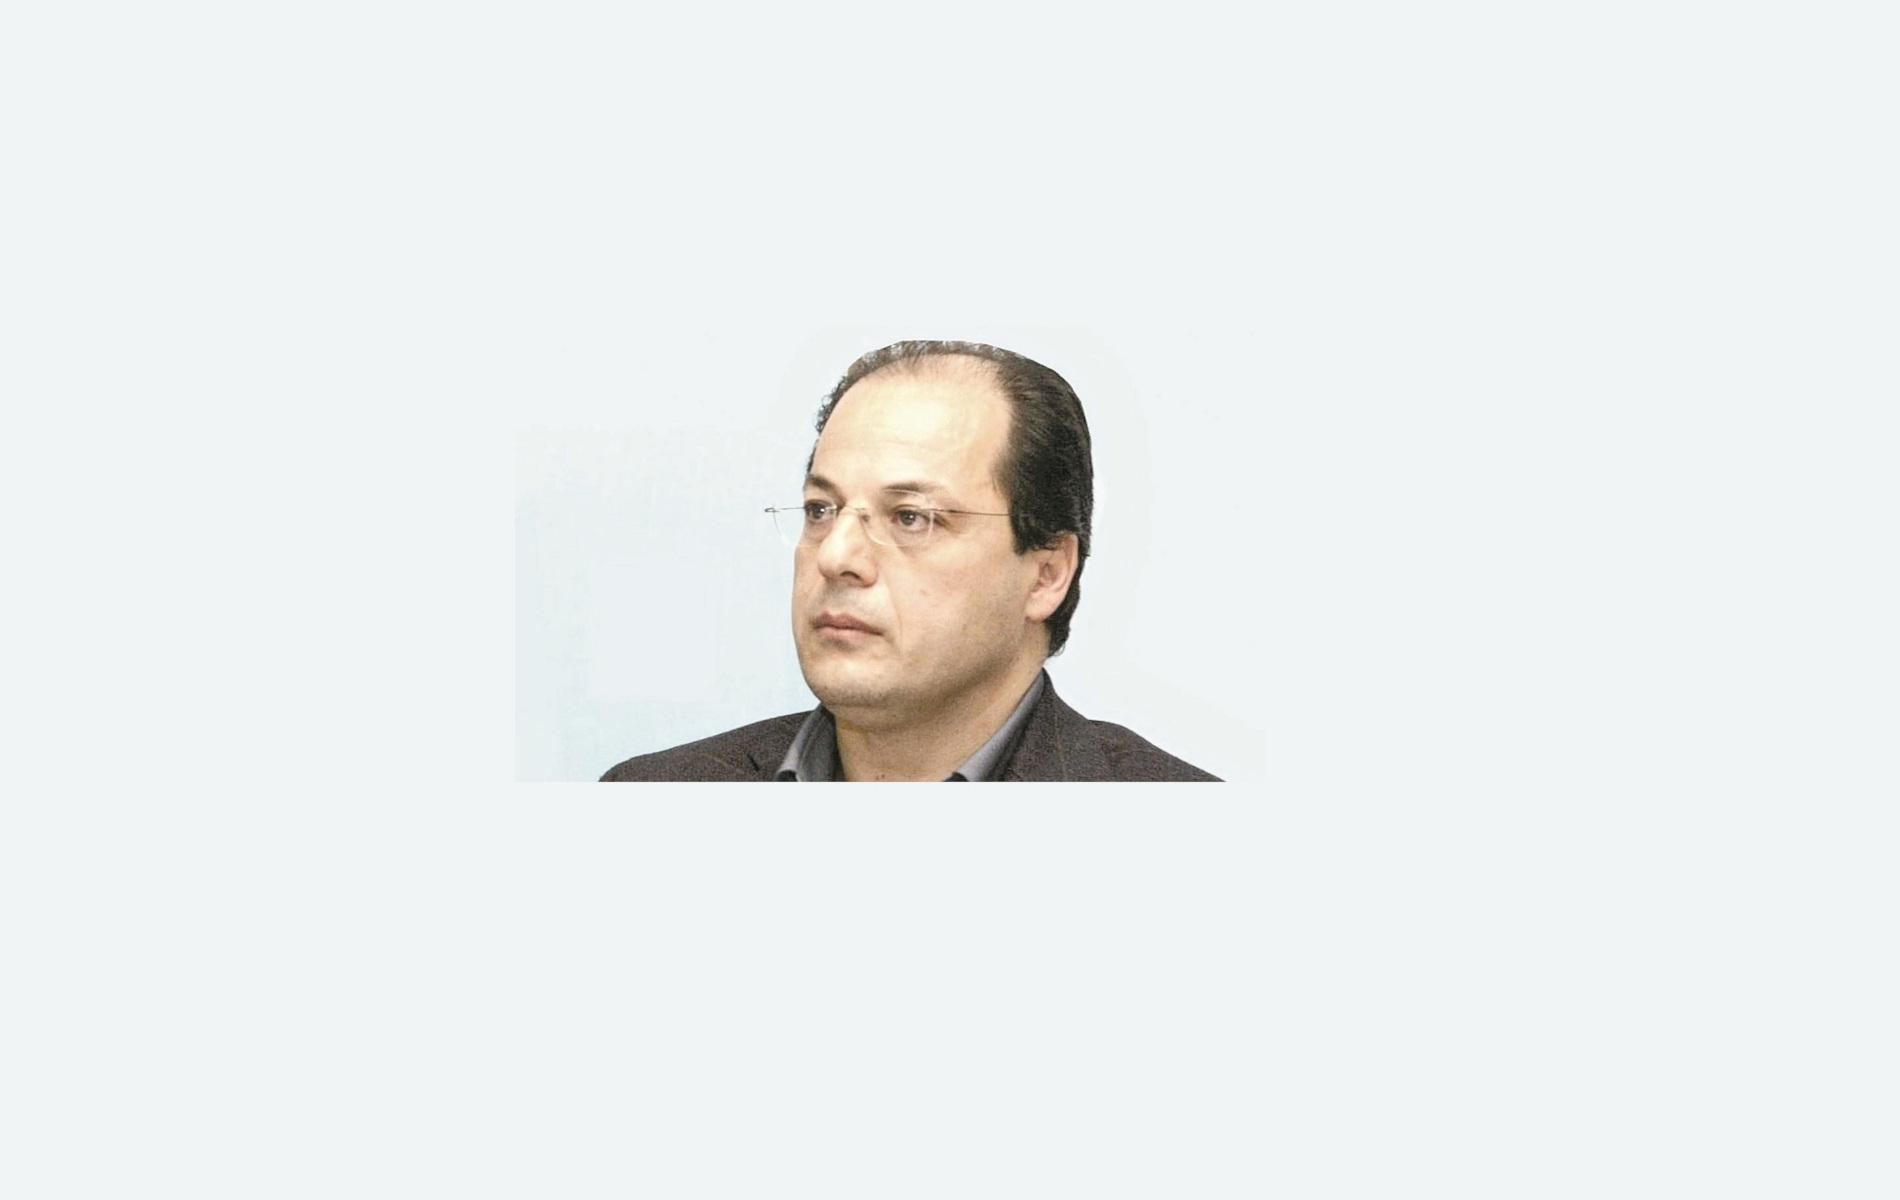 O Γιώργος Χ. Σωτηρέλης από το 2006 είναι καθηγητής Συνταγματικού Δικαίου στο Τμήμα Πολιτικής Επιστήμης και Δημόσιας Διοίκησης του Πανεπιστημίου Αθηνών. Τα ερευνητικά ενδιαφέροντα και το διδακτικό του έργο καλύπτουν όλο το φάσμα του Συνταγματικού Δικαίου (οργάνωση του κράτους, θεμελιώδη δικαιώματα, συνταγματική ιστορία).